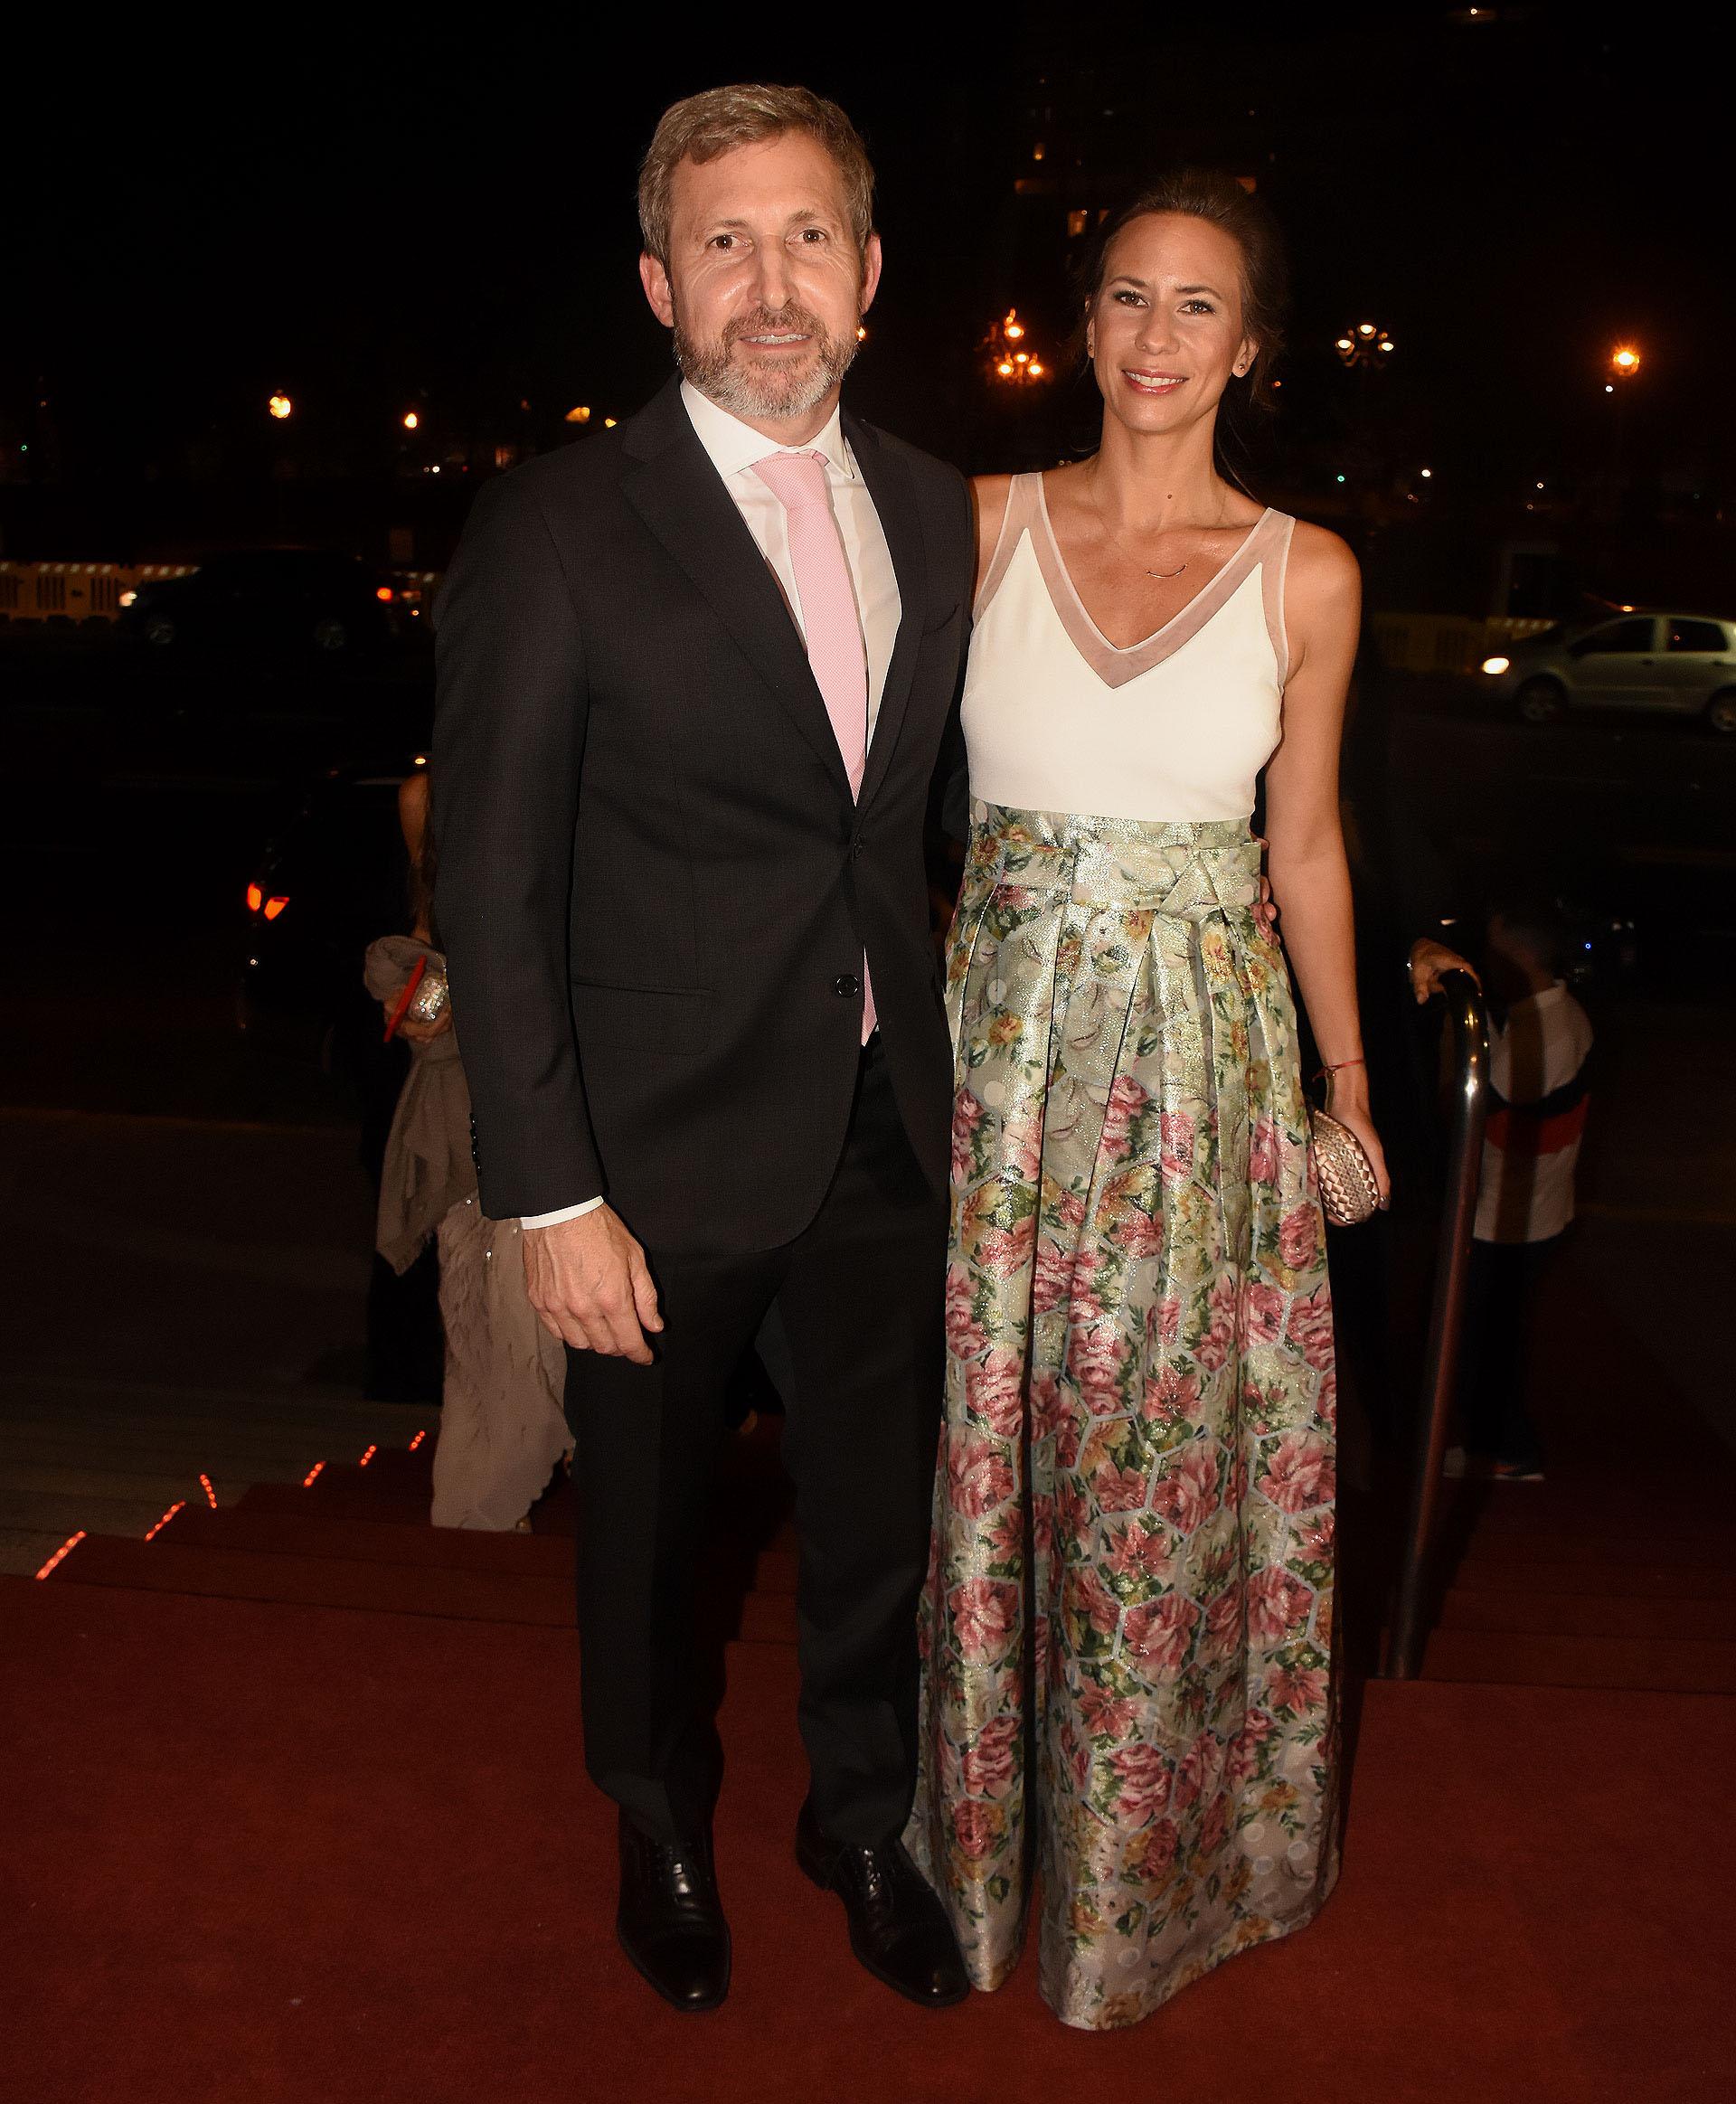 Rogelio Frigerio, ministro de Interior, y su mujer Victoria Costoya